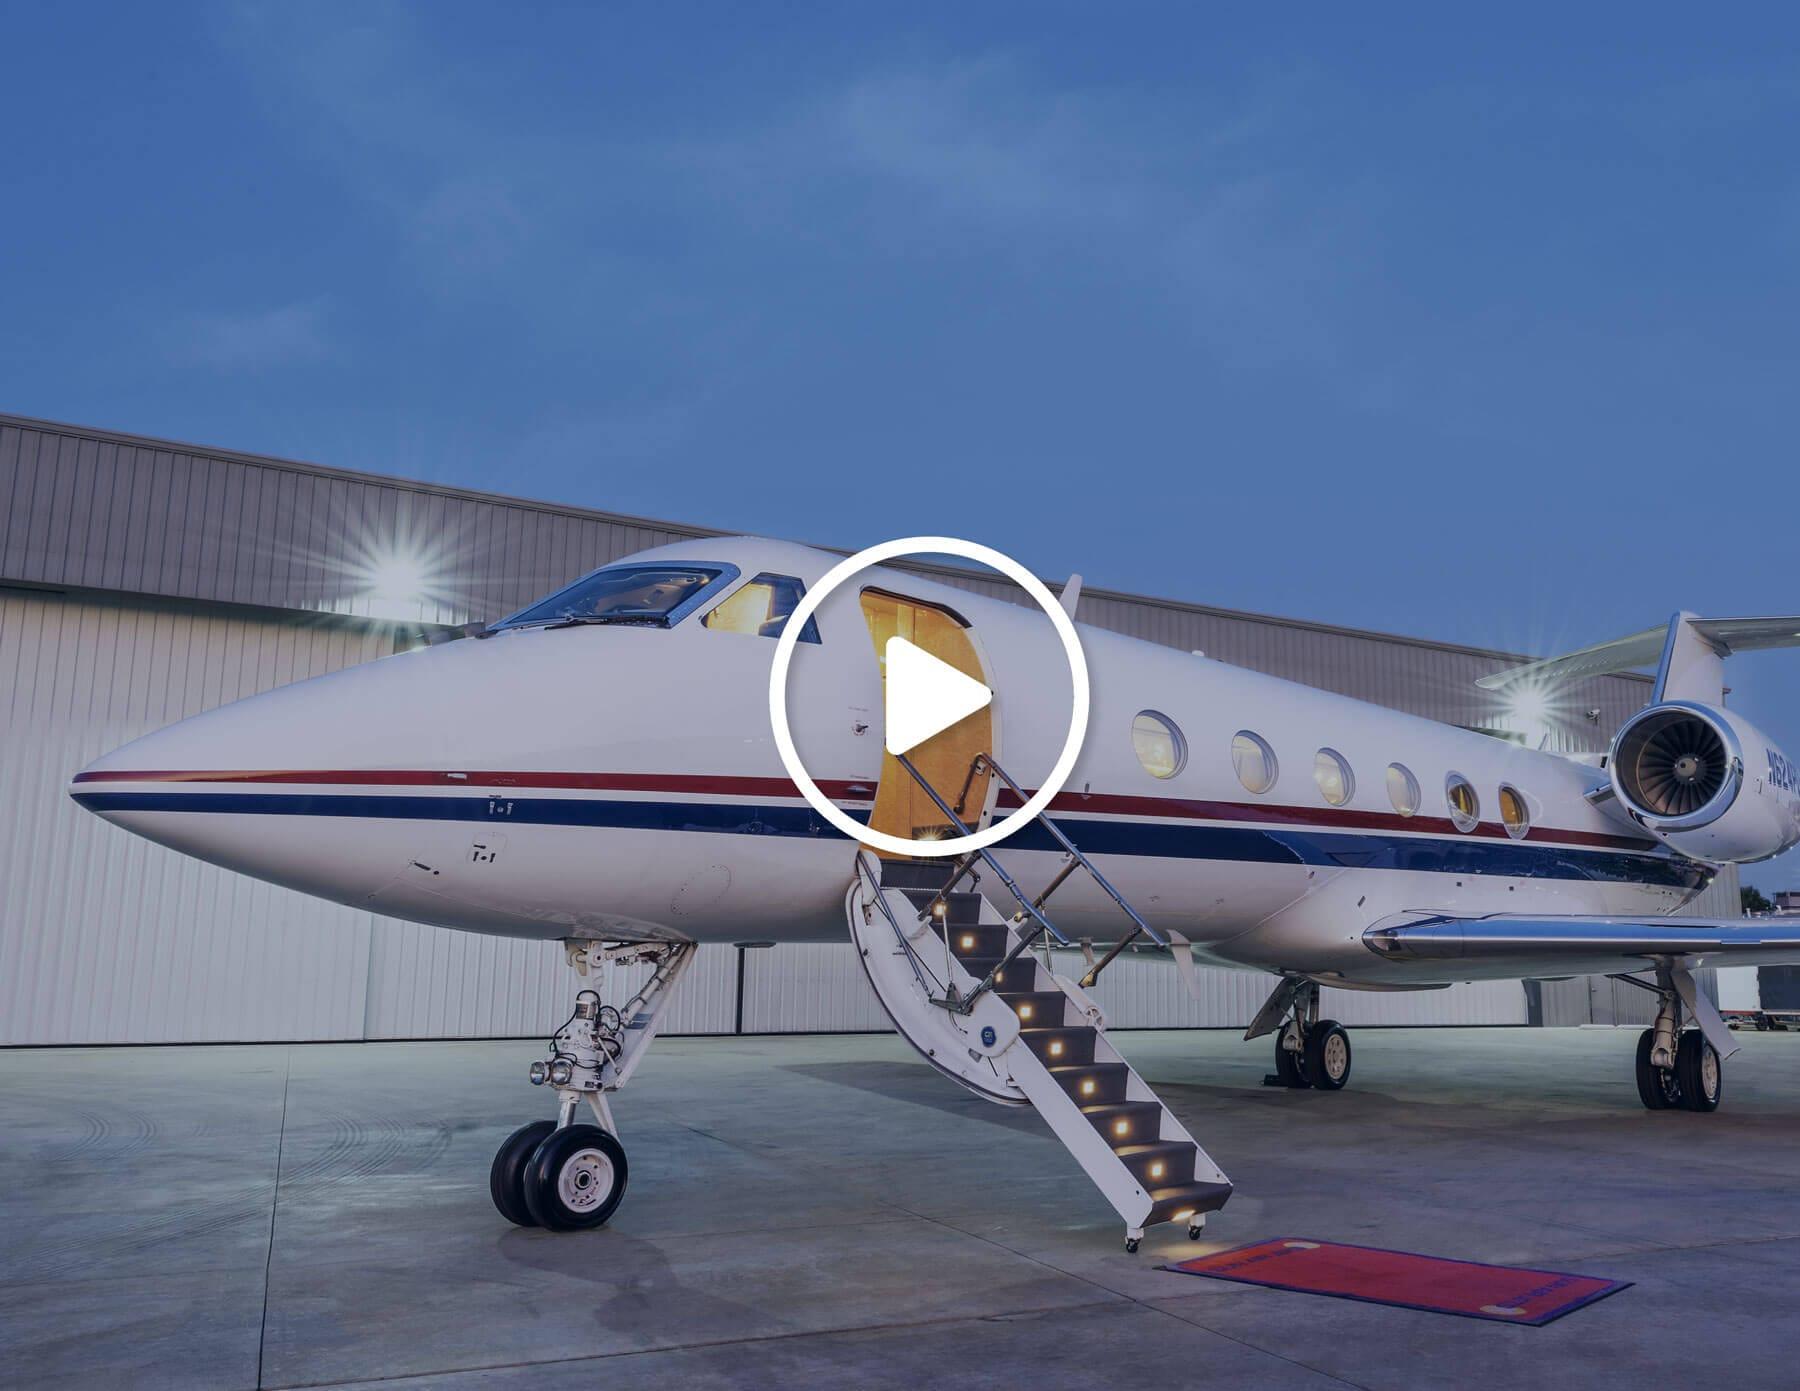 Private Charter Plane Video Cover